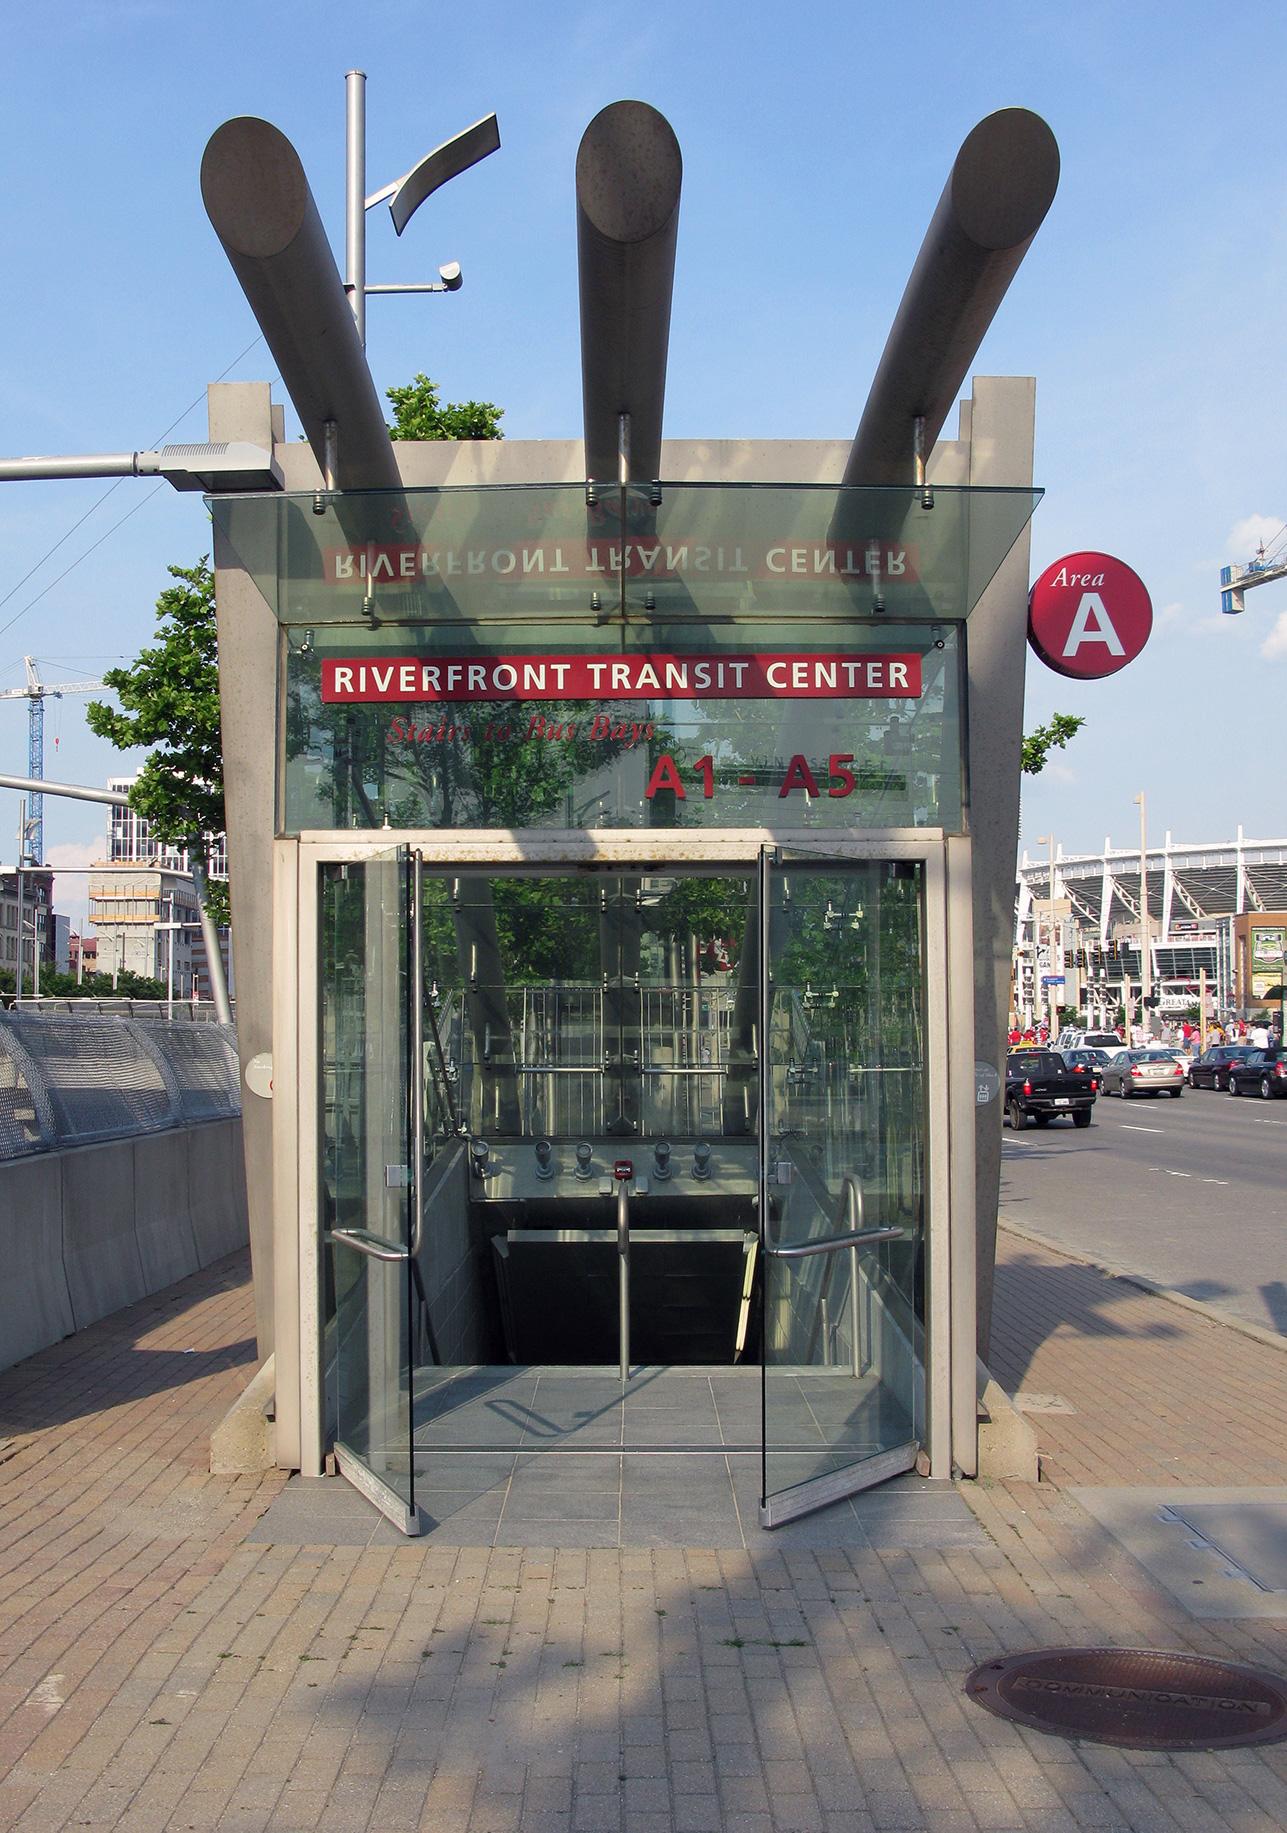 Vstup do podzemní stanice Riverfront Transit Center, která byla zamýšlena jako přestupní bod mezi novým systémem MetroMoves a autobusy. (zdroj: Wikipedia.org)